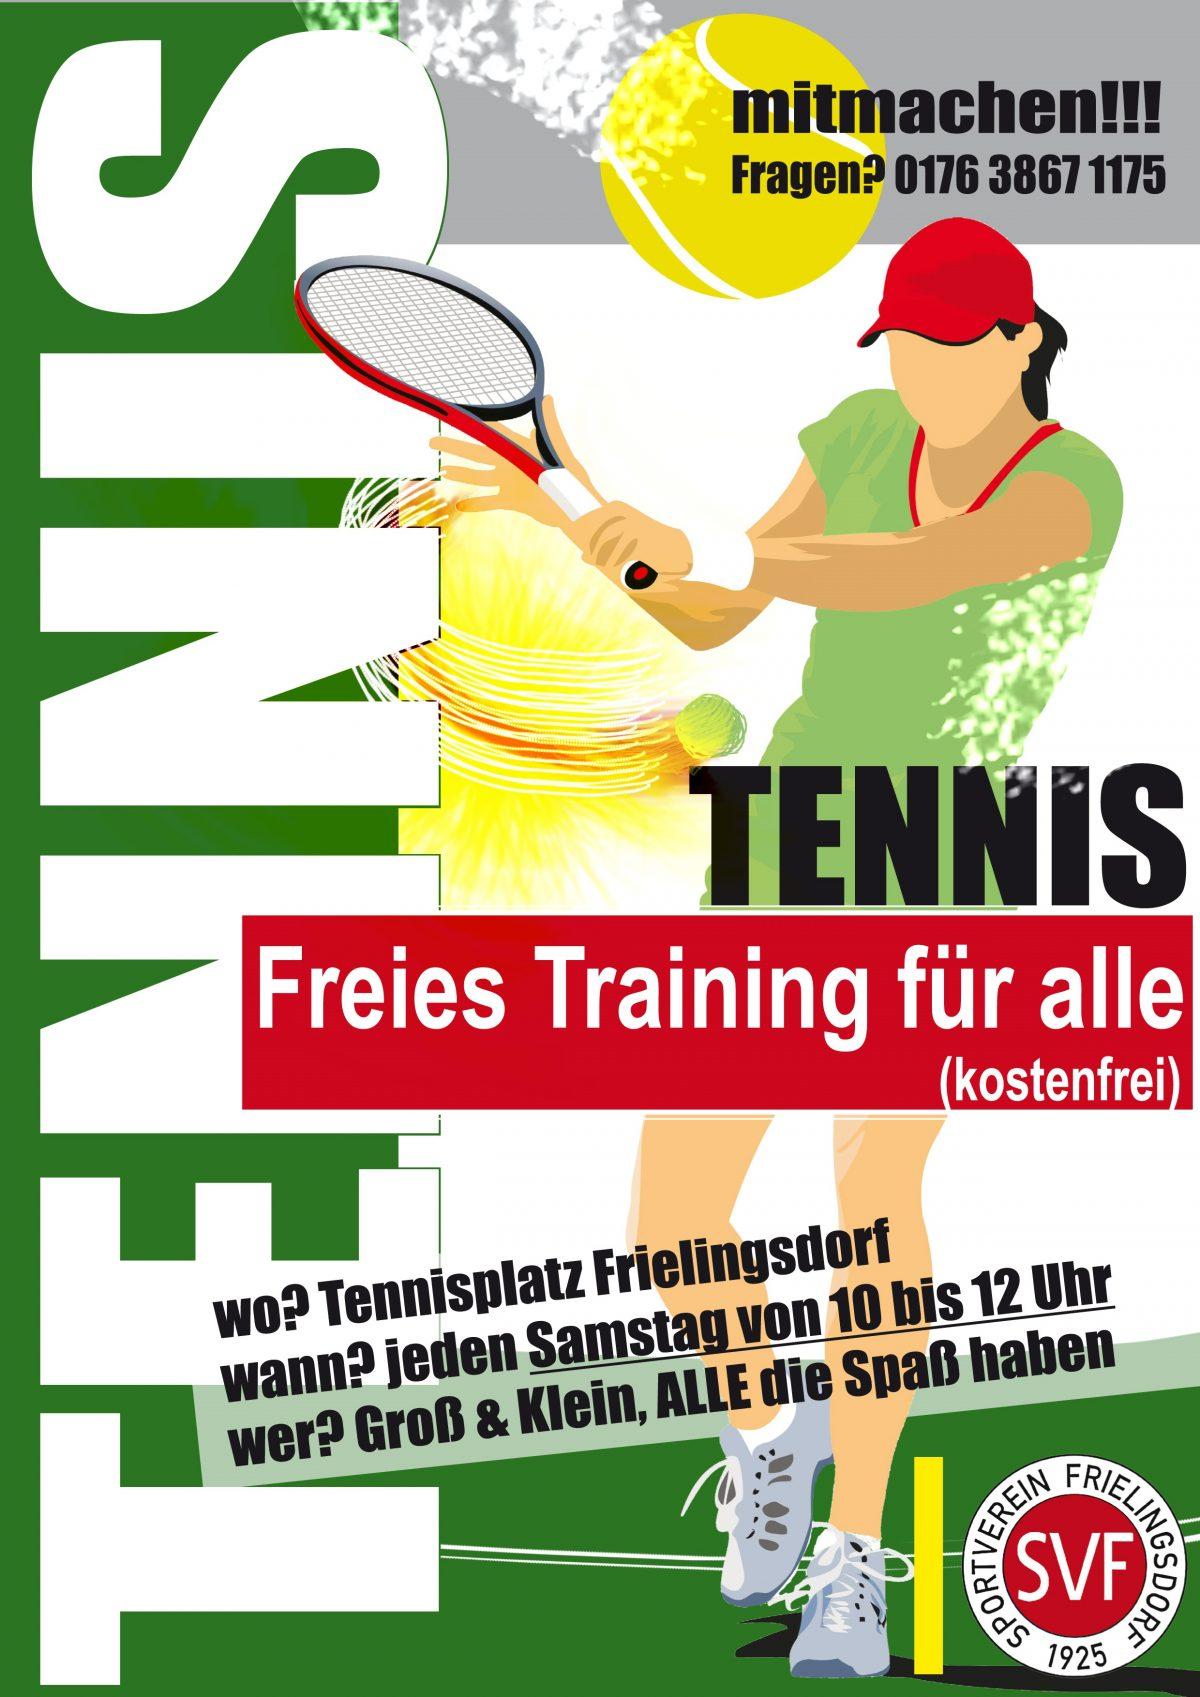 Tennis – Einladung zum Freien Training